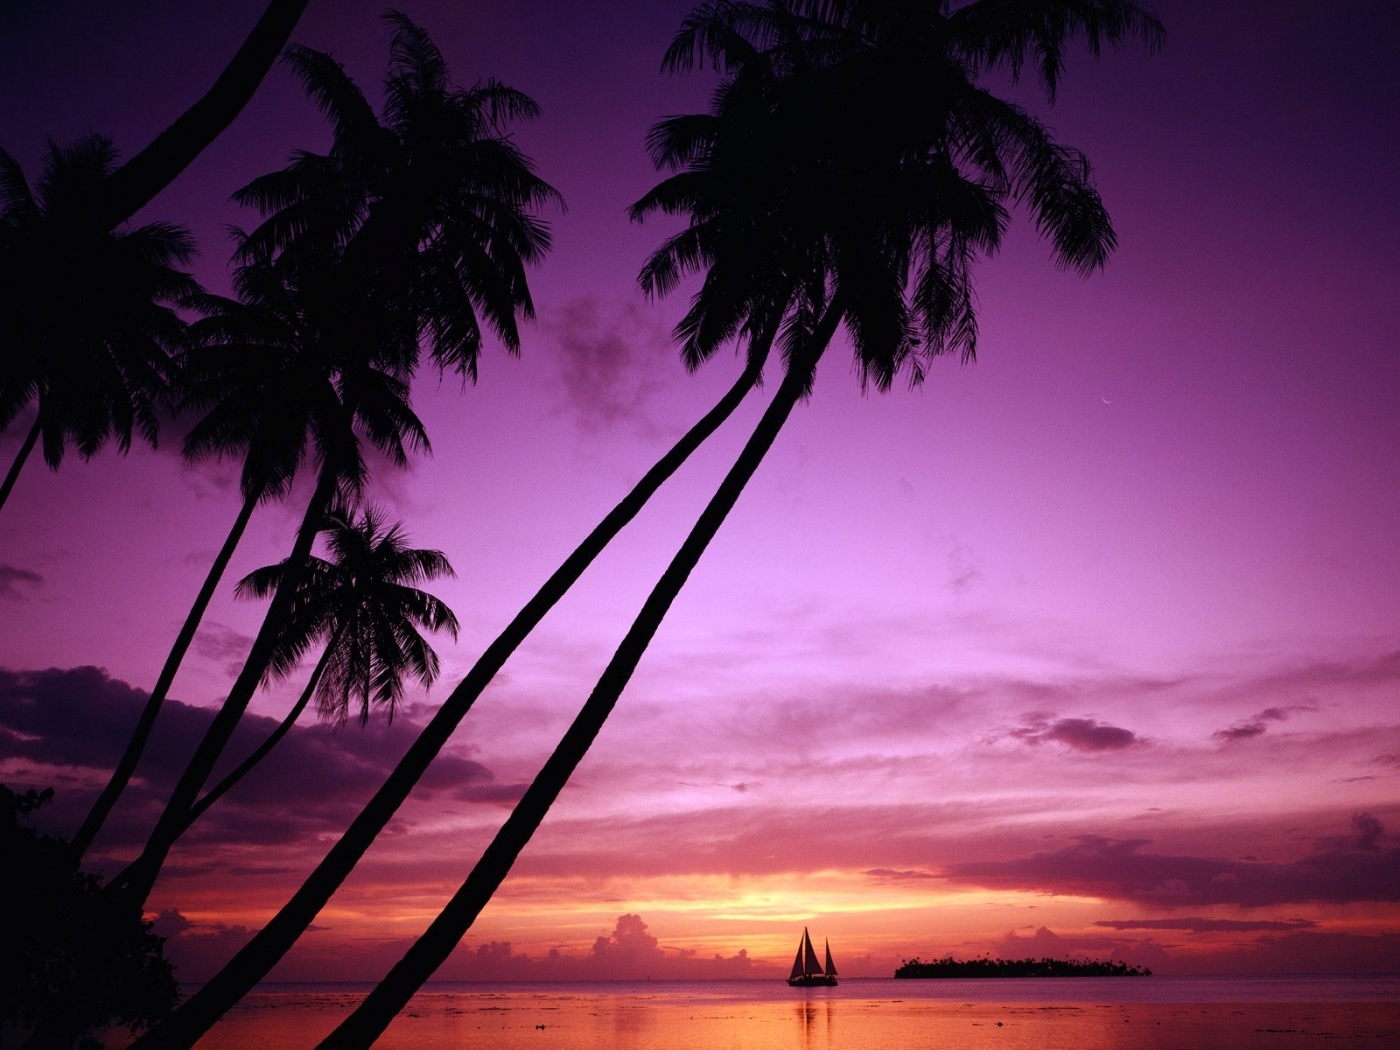 44048 скачать Фиолетовые обои на телефон бесплатно, Пейзаж, Природа, Закат Фиолетовые картинки и заставки на мобильный